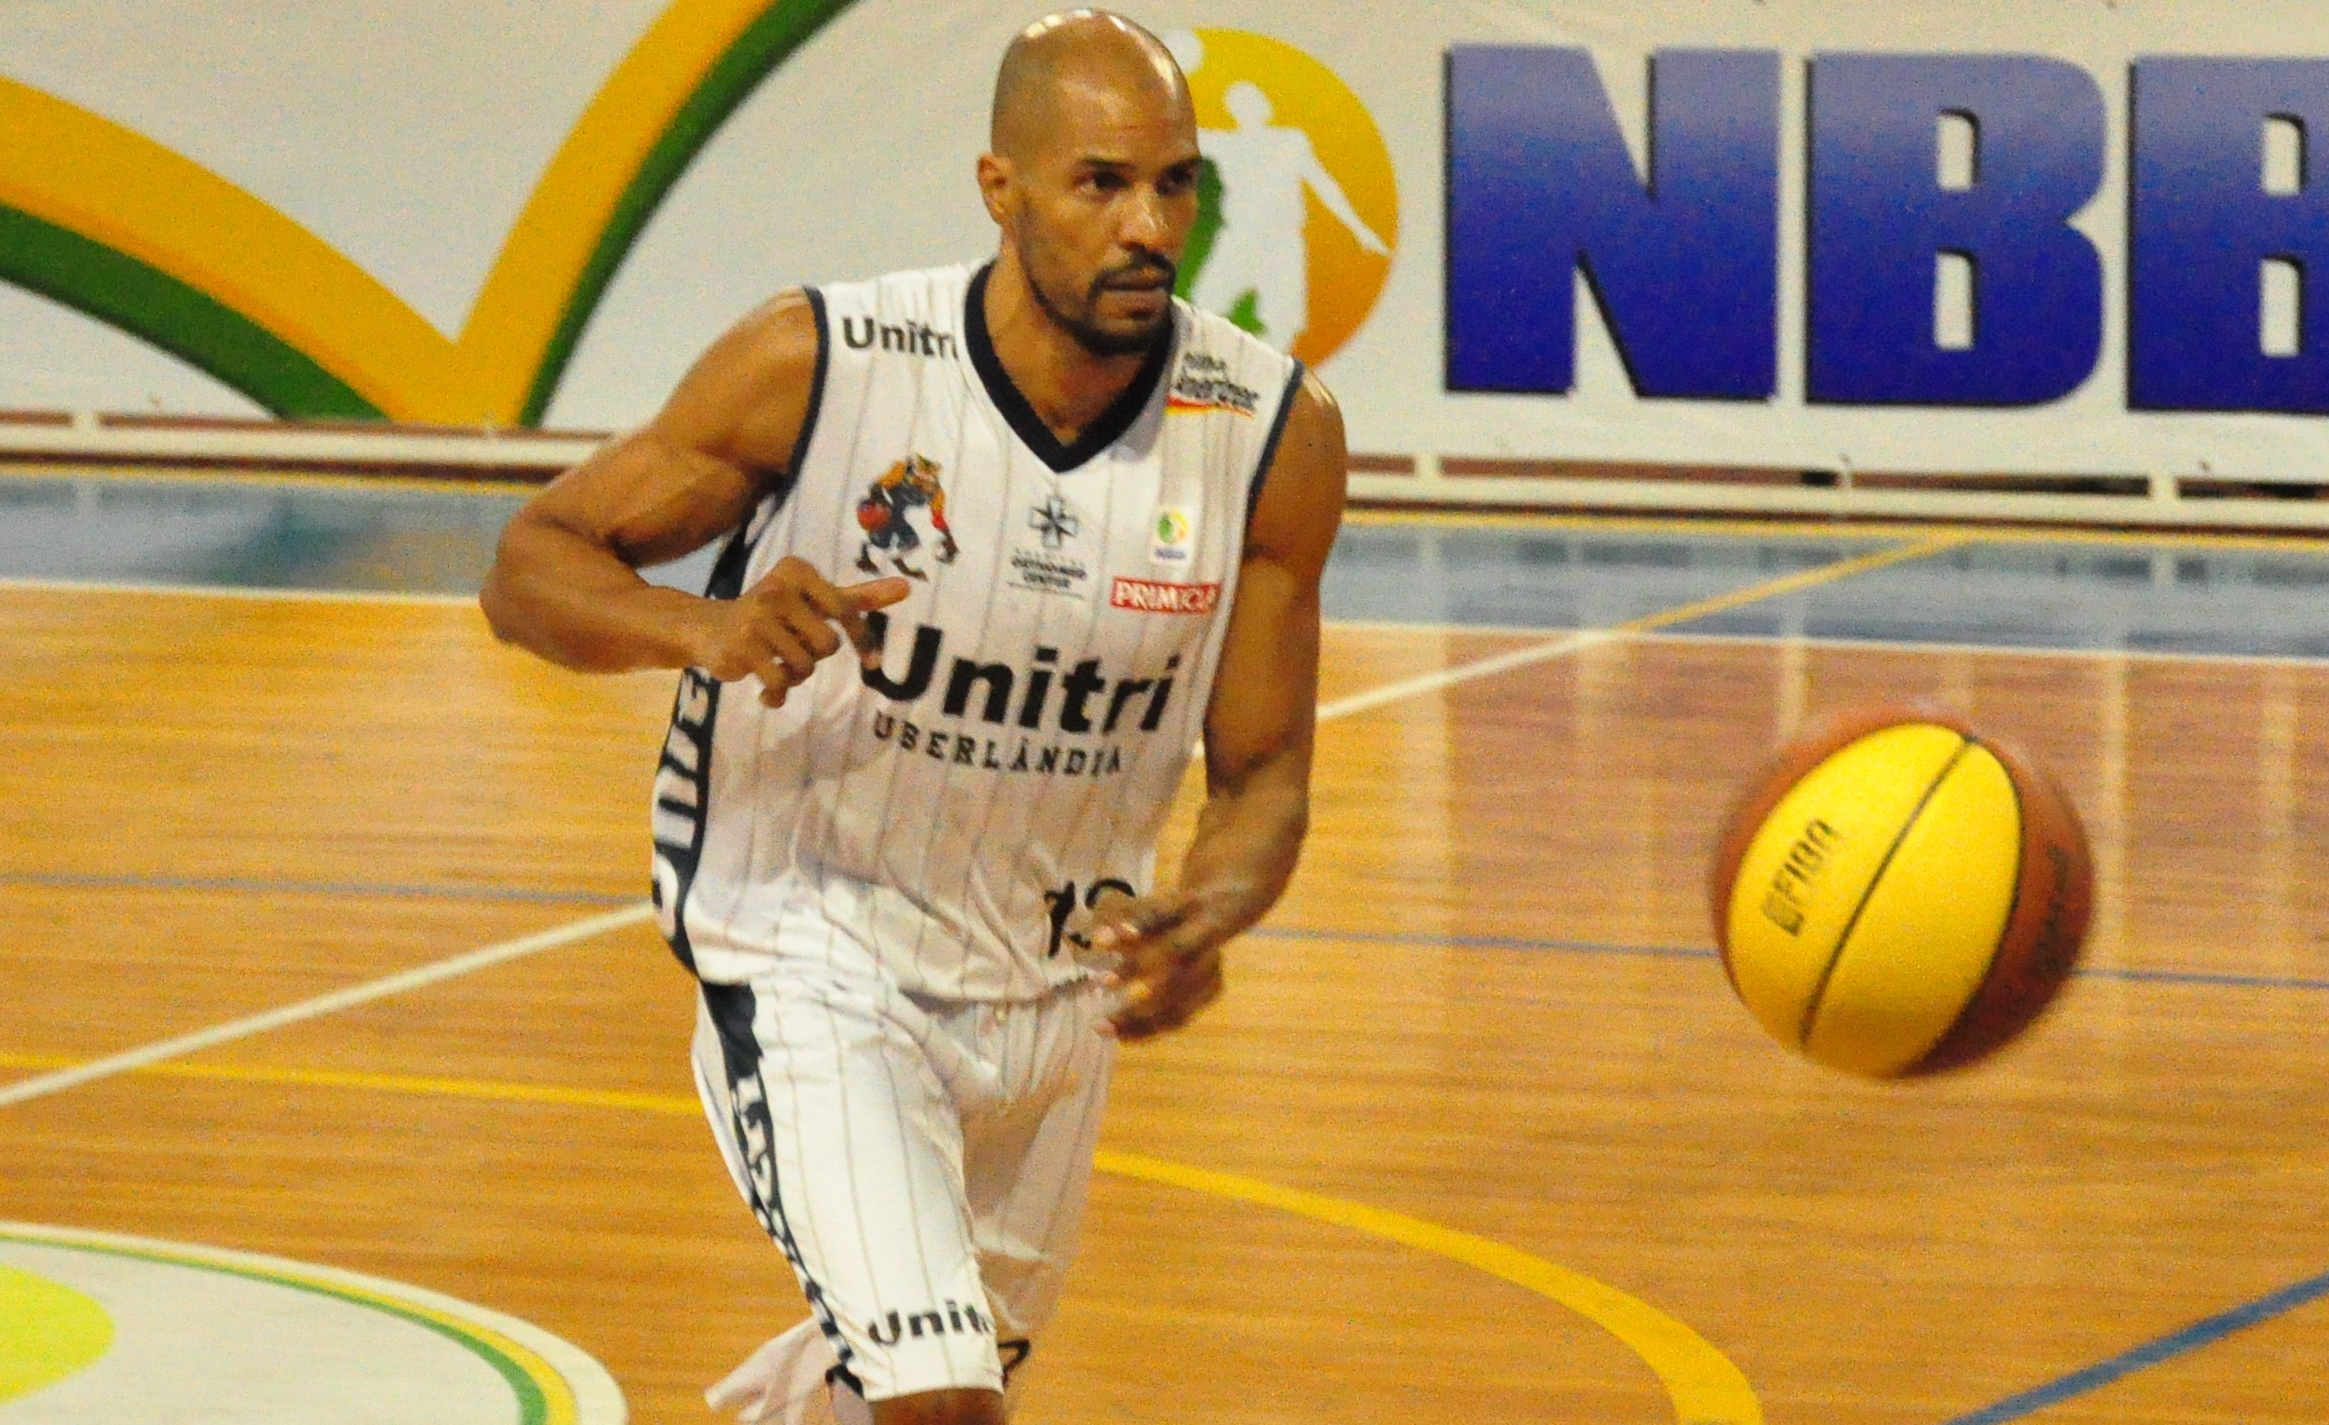 Como jogador, Brasília disputou dois NBB's por Uberlândia, depois virou assistente e agora será o treinador da equipe (Marcos Ribeiro/Divulgação)